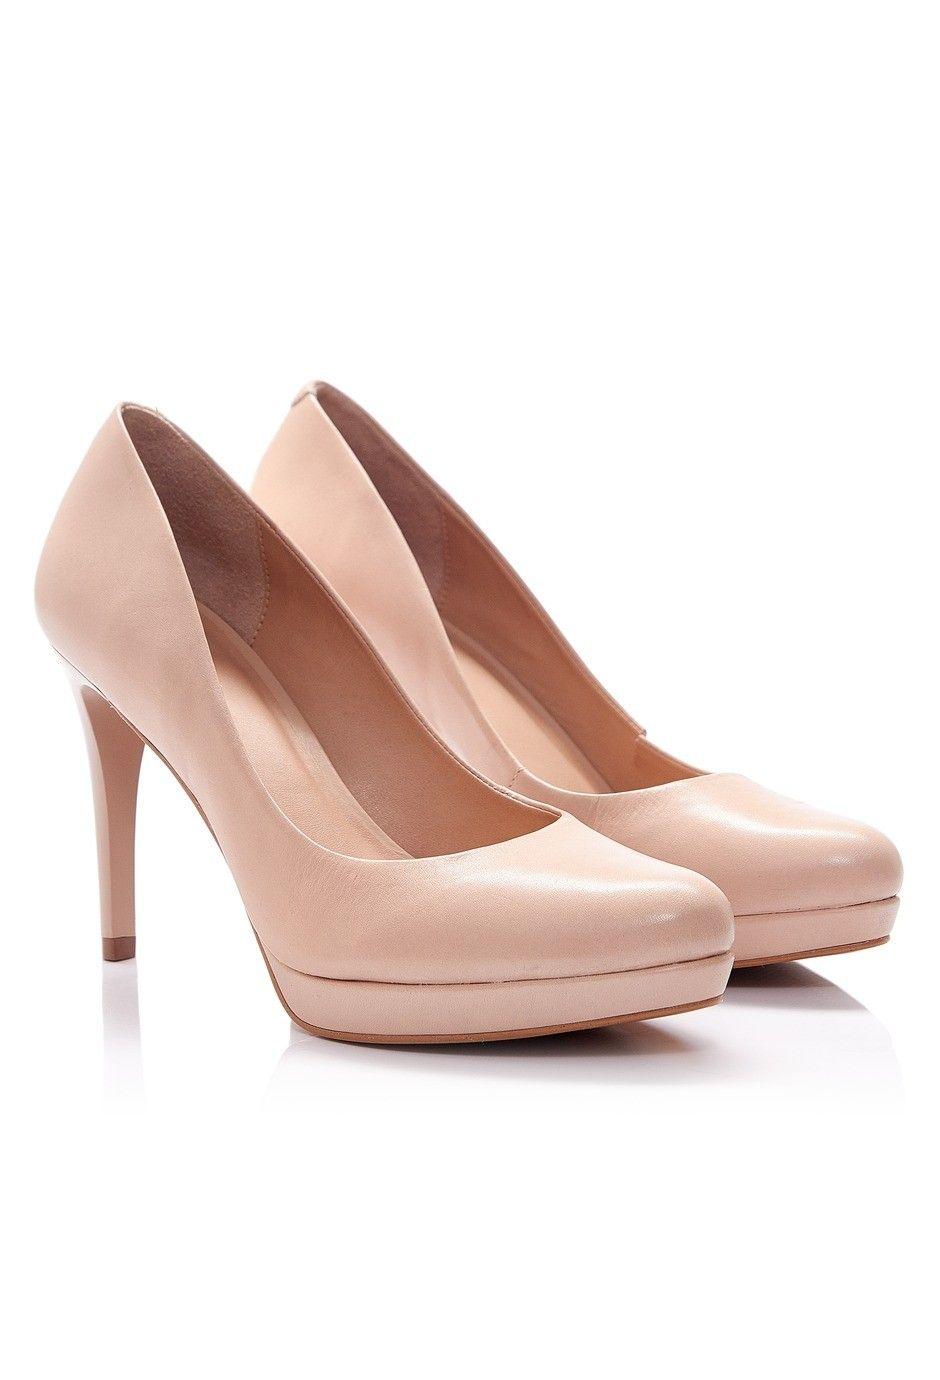 Via Uno - Zapatos 16264501 Atanado Stone nude